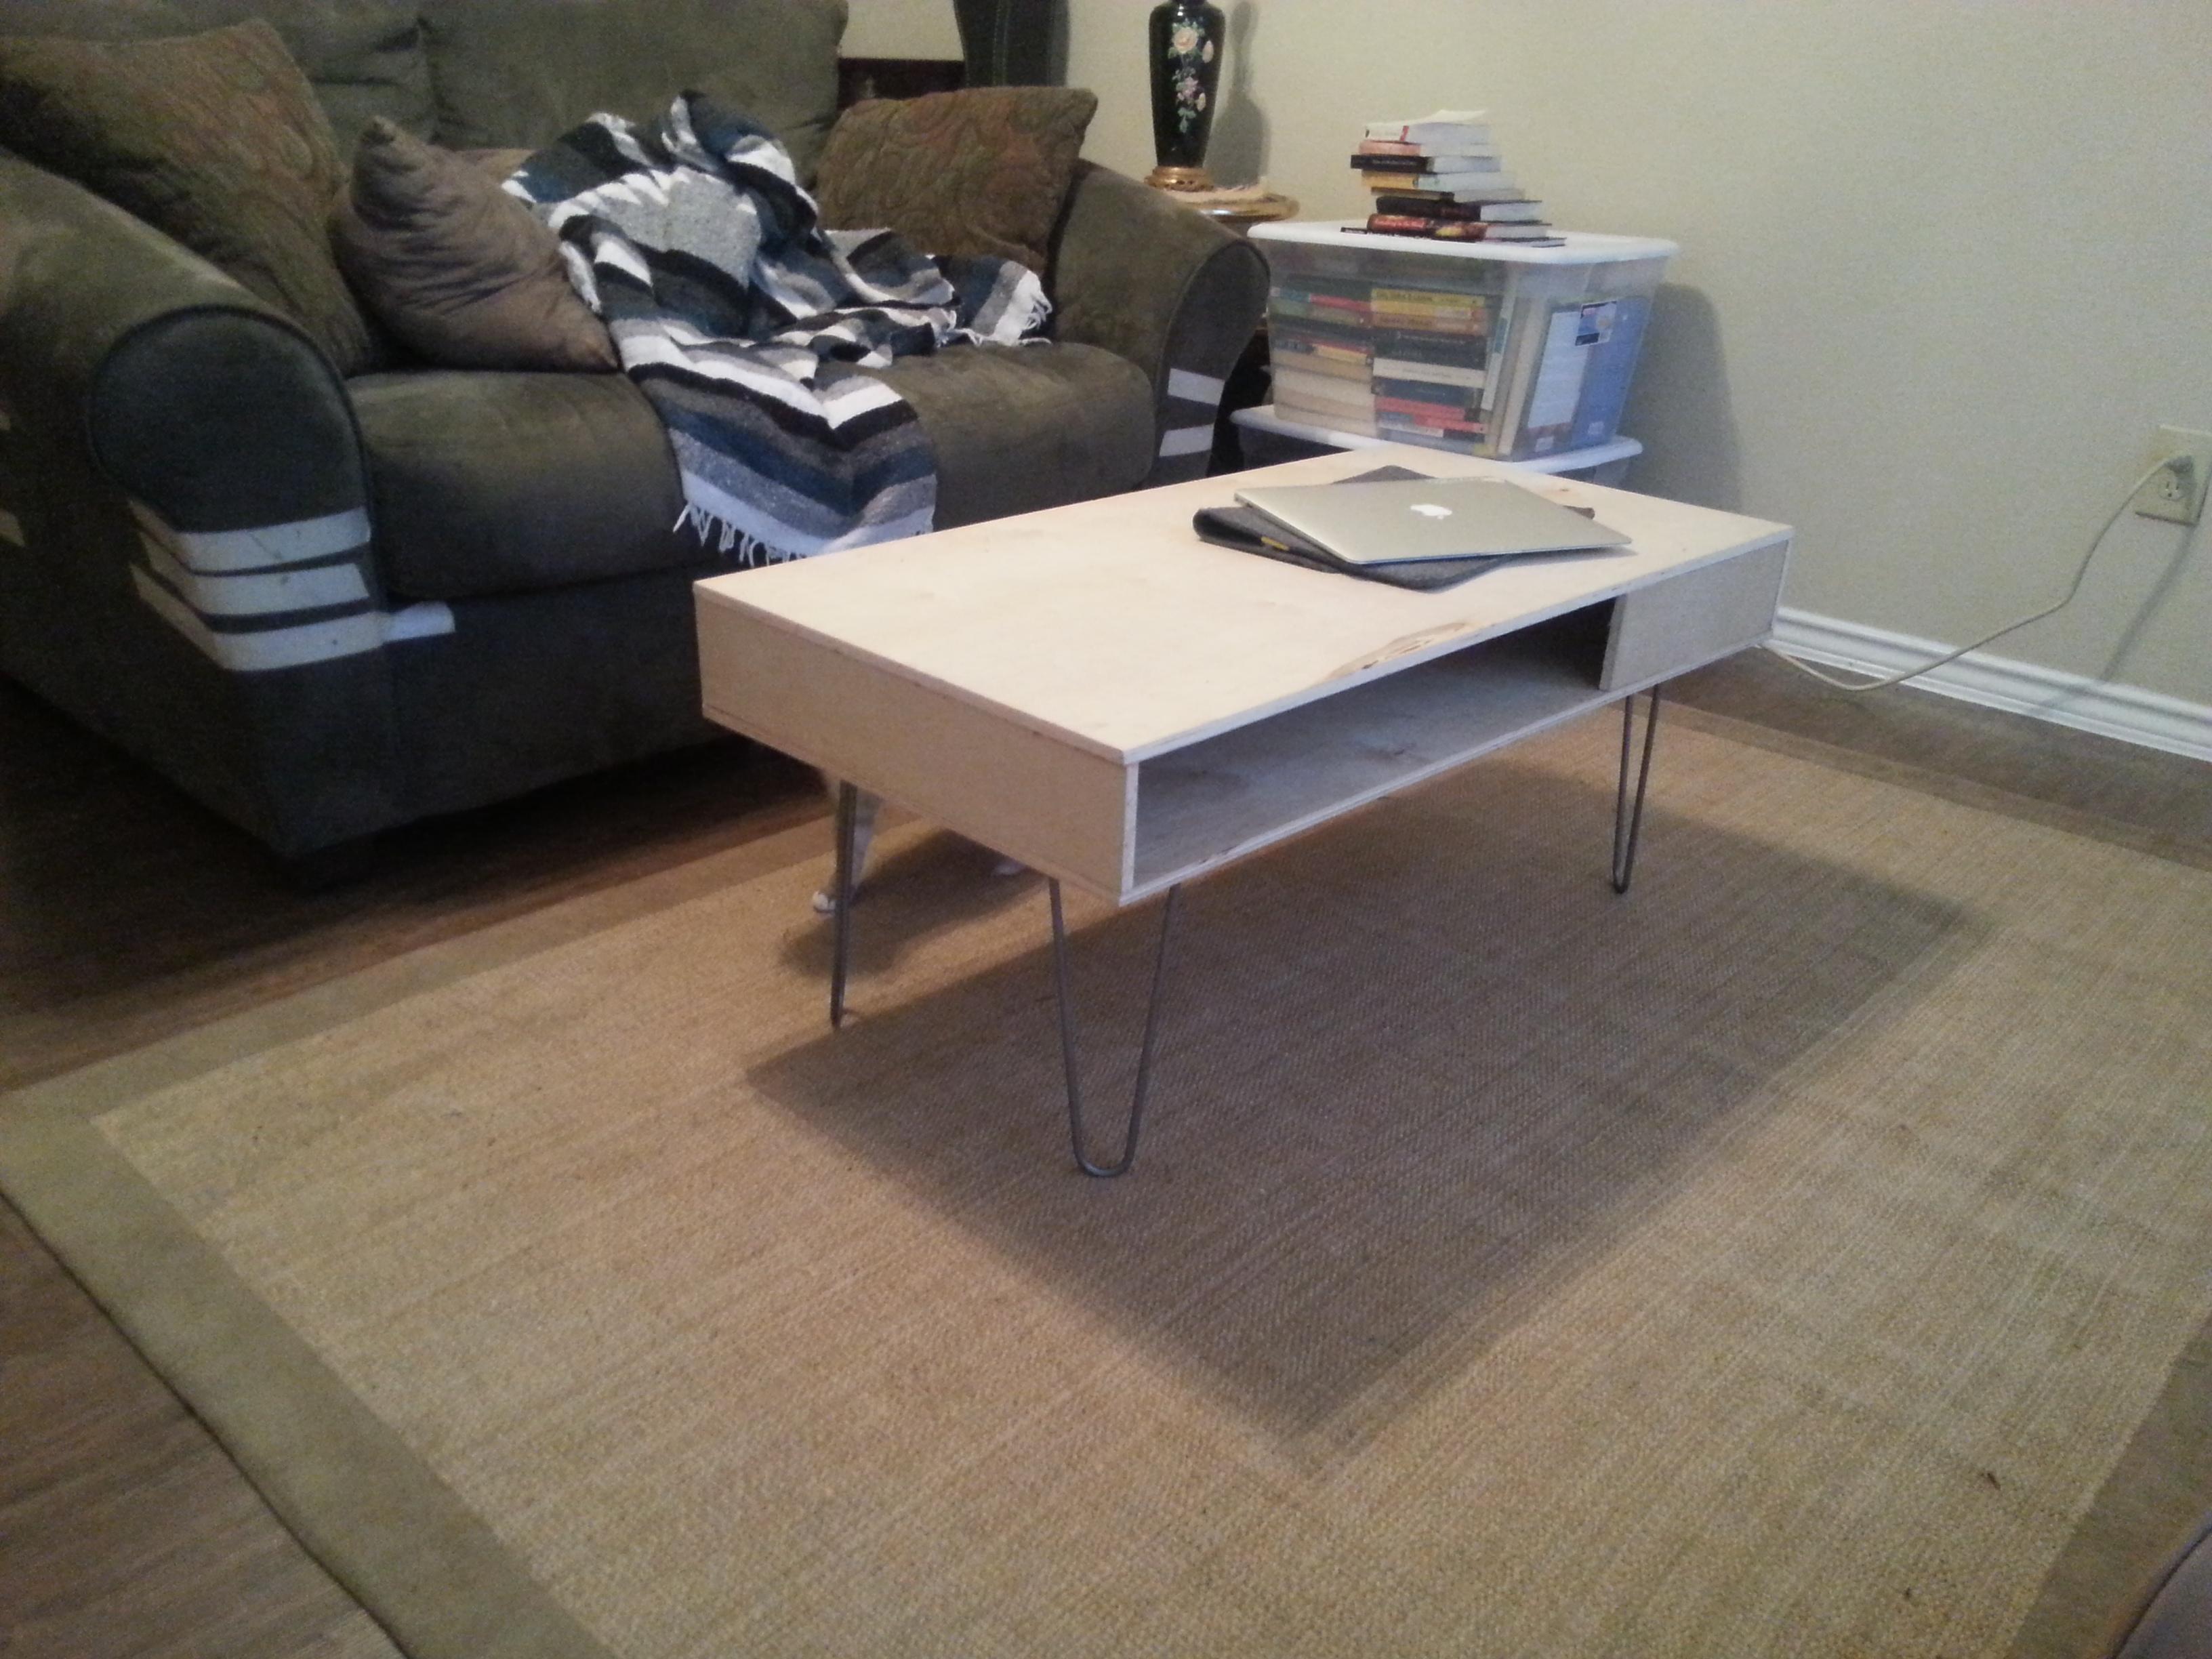 DIY Midcentury Modern Coffee Table